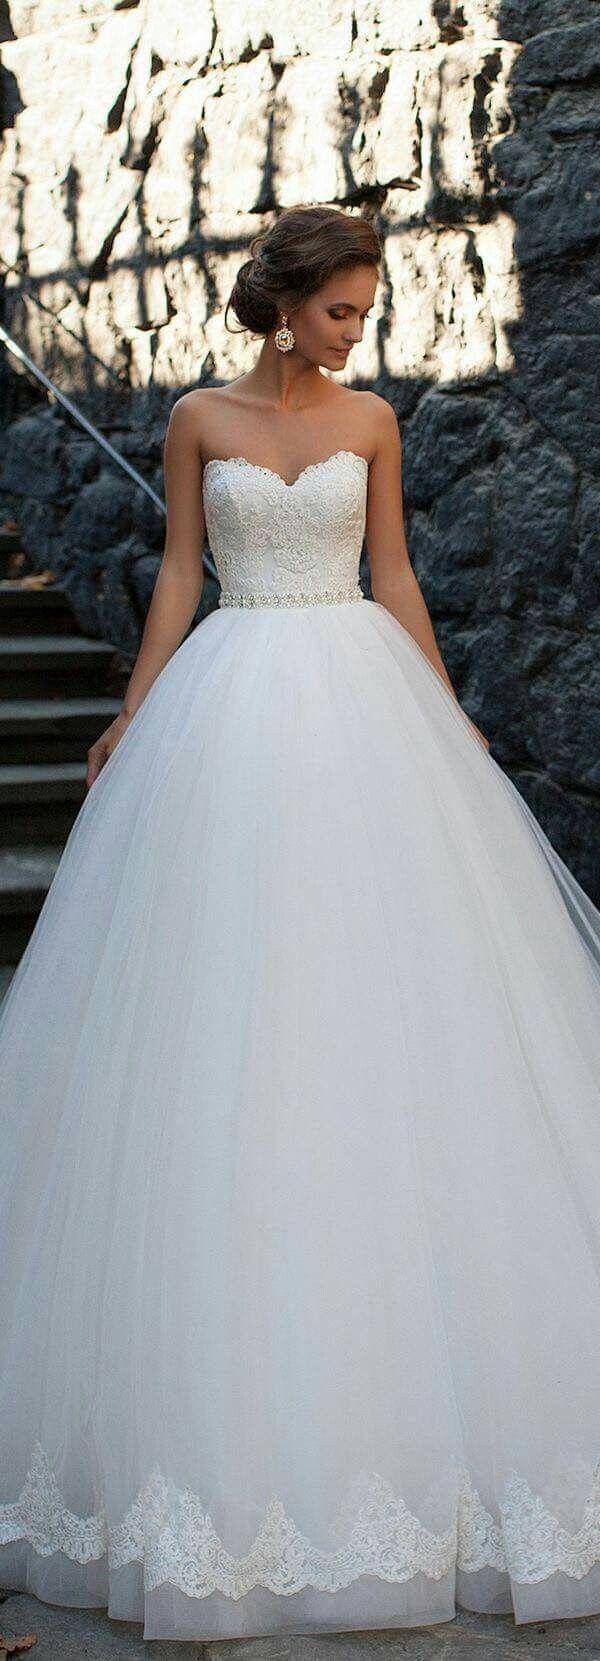 Pin de Jéssica Carolina Oliveira en Brides   Pinterest   Vestidos de ...